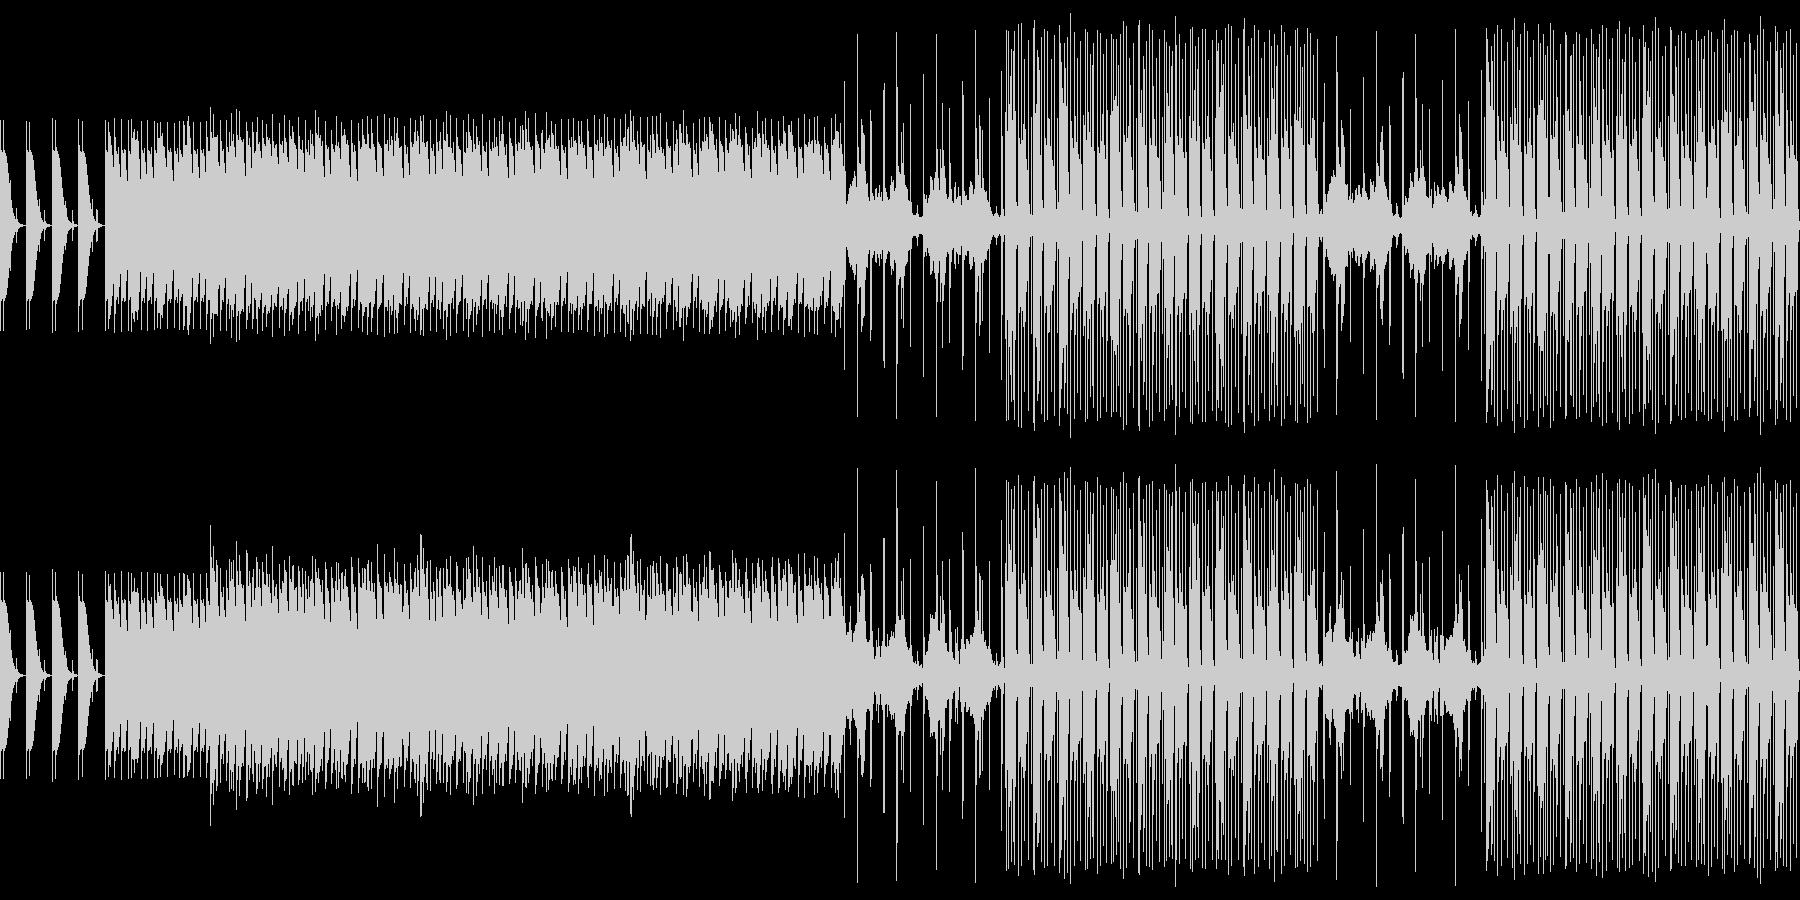 ズバリ 緊張感の高まる音源の未再生の波形